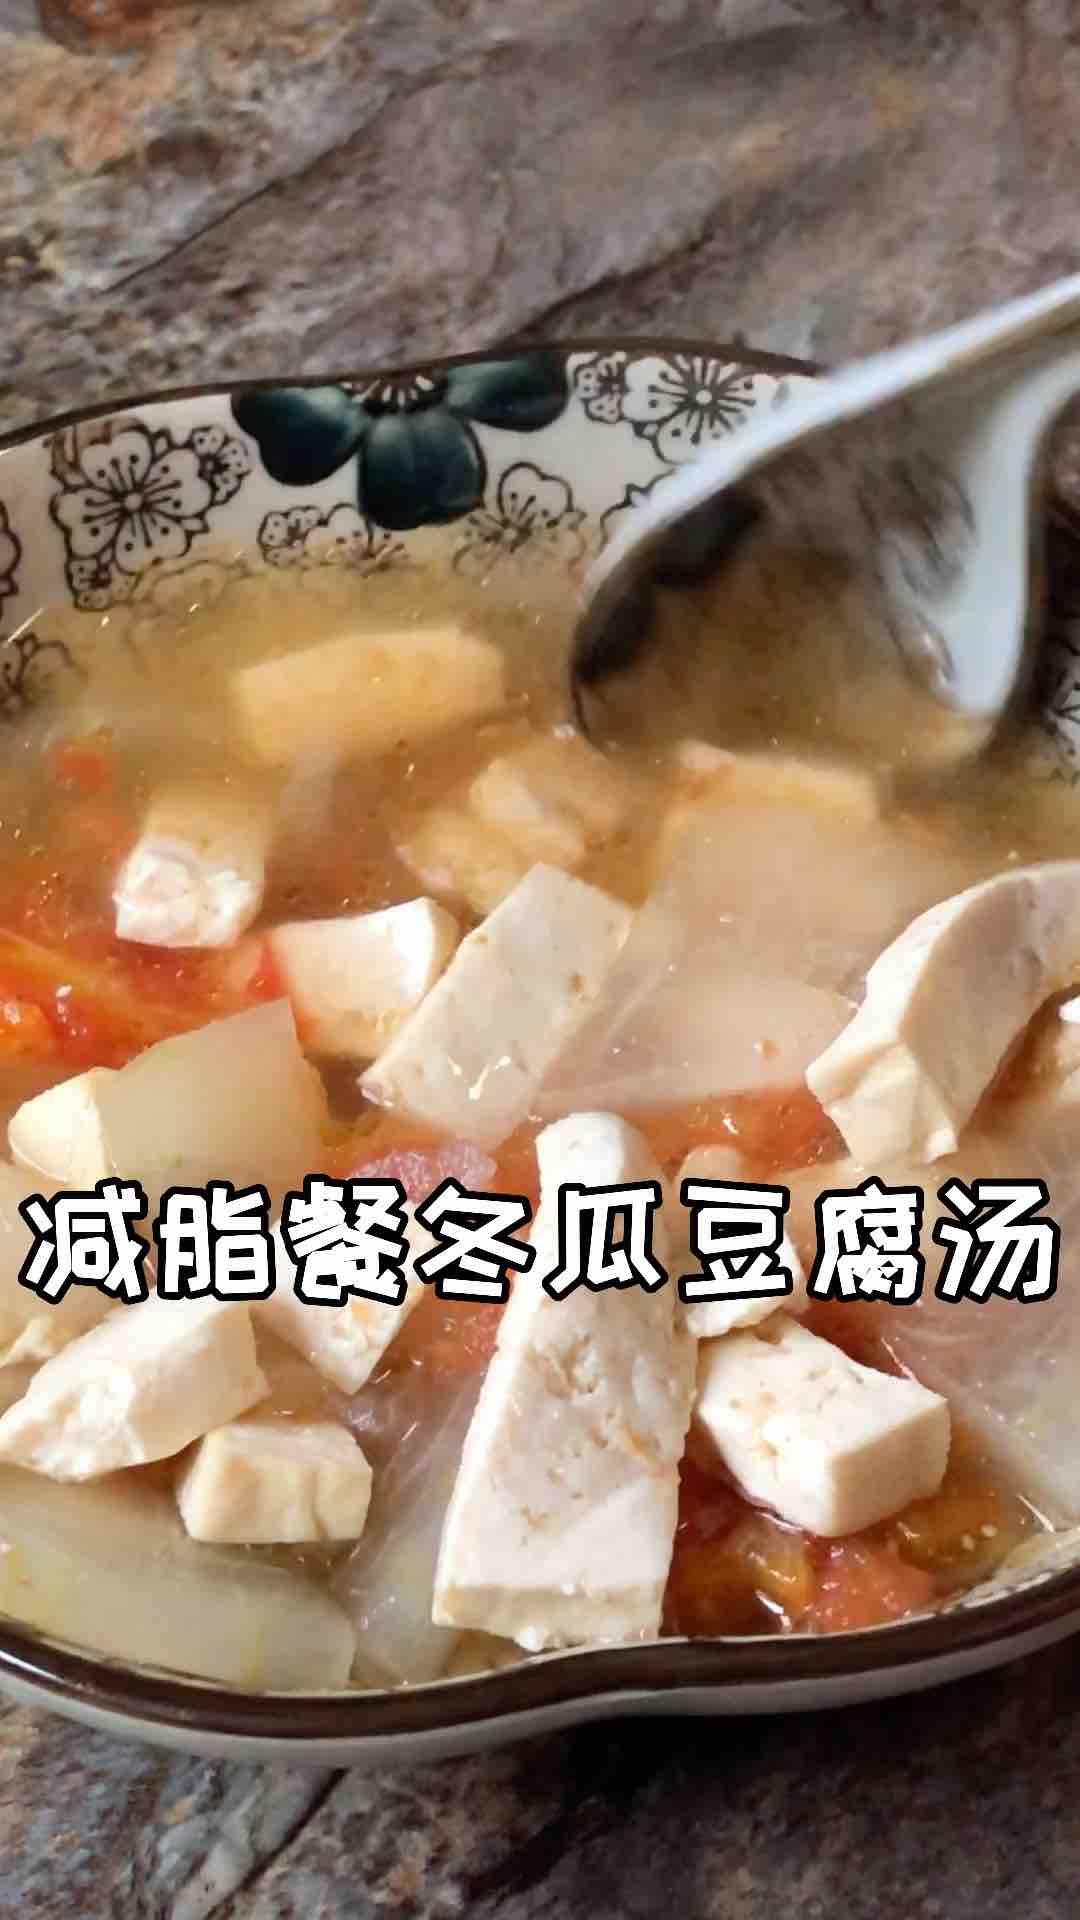 冬瓜西红柿减脂汤的做法